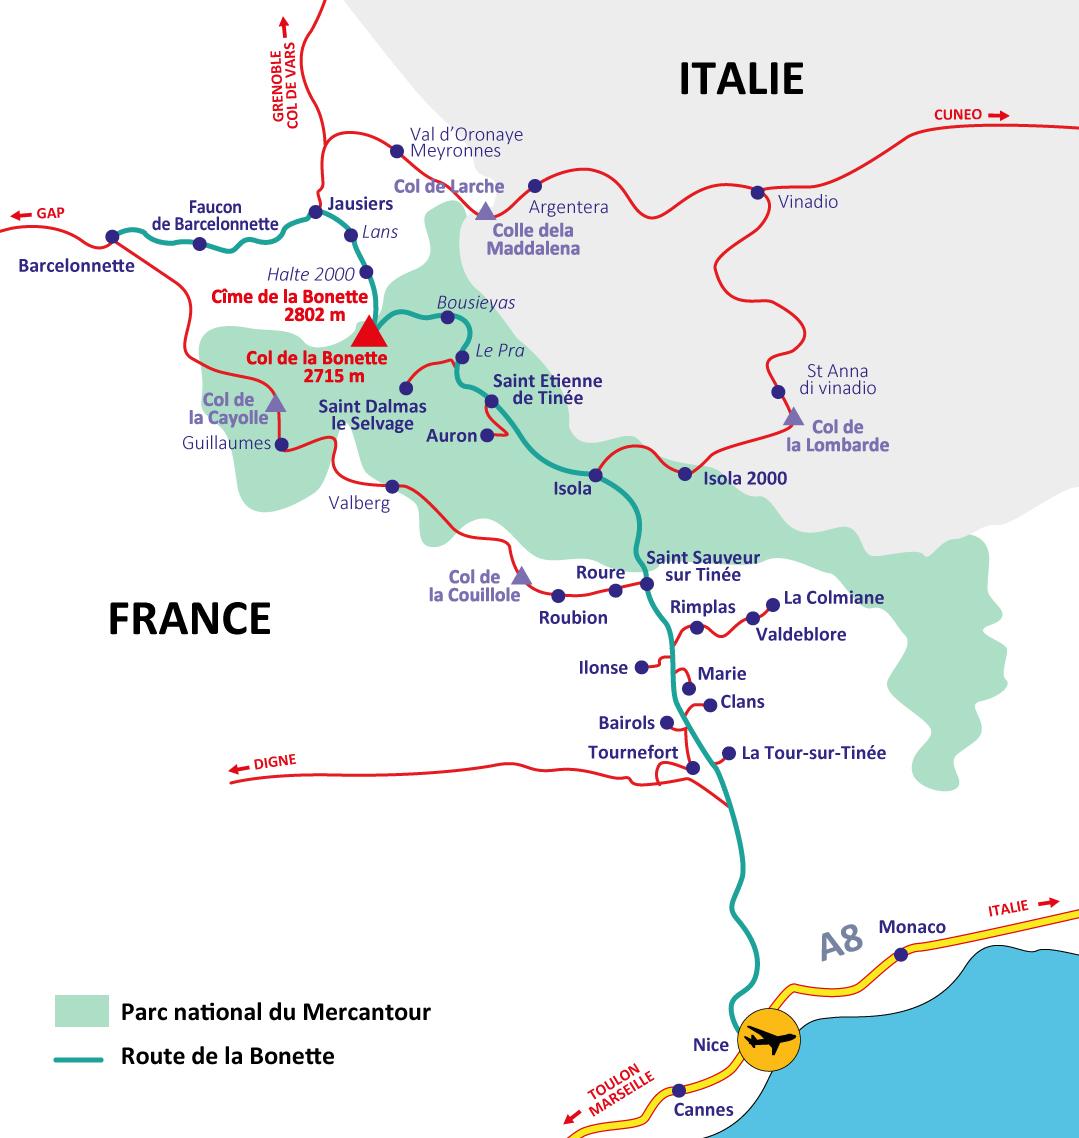 Carte route de la Bonette